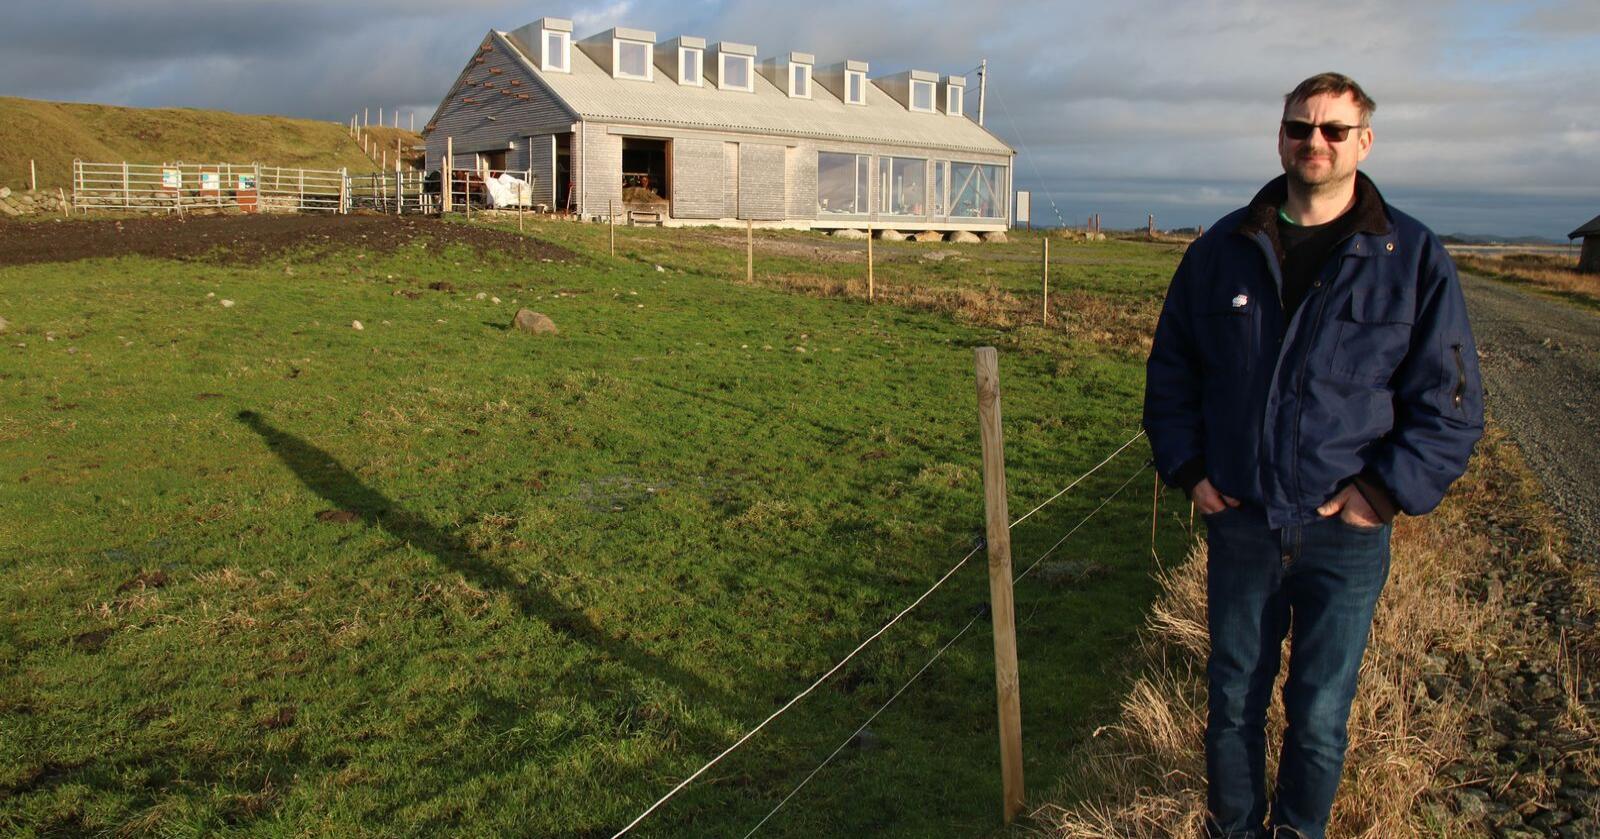 Knut Olaf Reiersen har bygd nytt fjøs til kvigene og gjeldkyrne i nordenden, og ferieleiligheter i sydenden. På loftet er det to store sovesaler. Foto Knut Houge